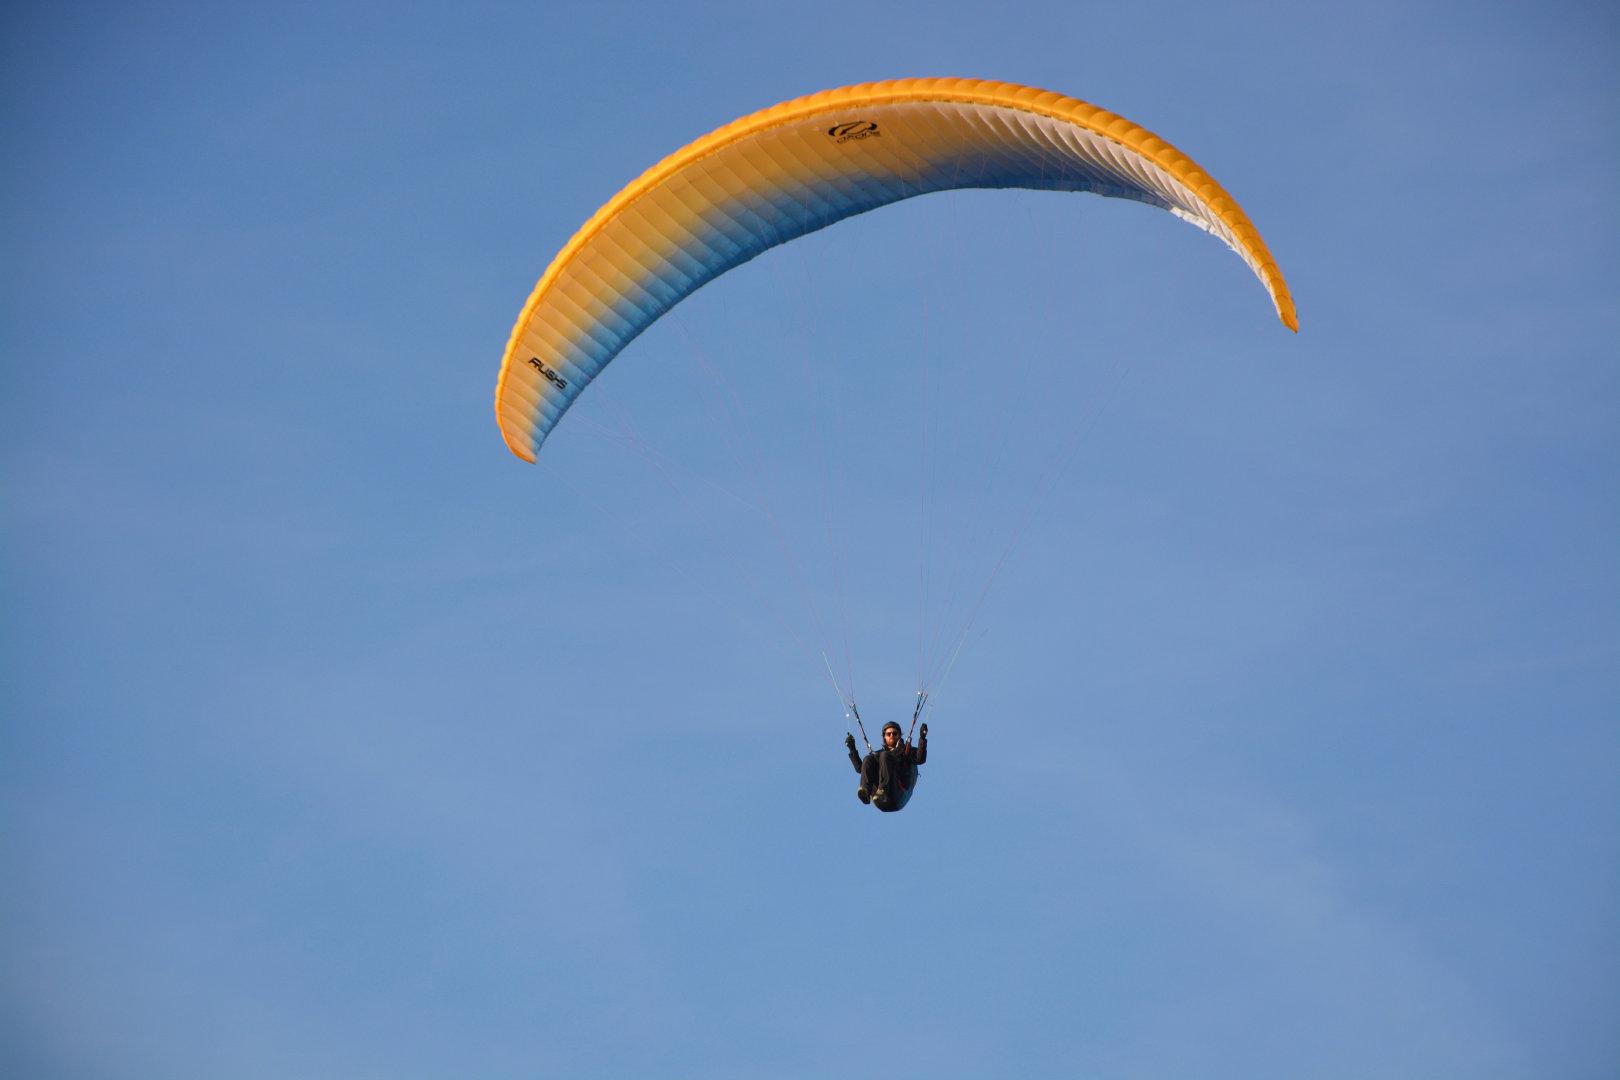 刺激惊险的滑翔伞运动宽屏桌面壁纸